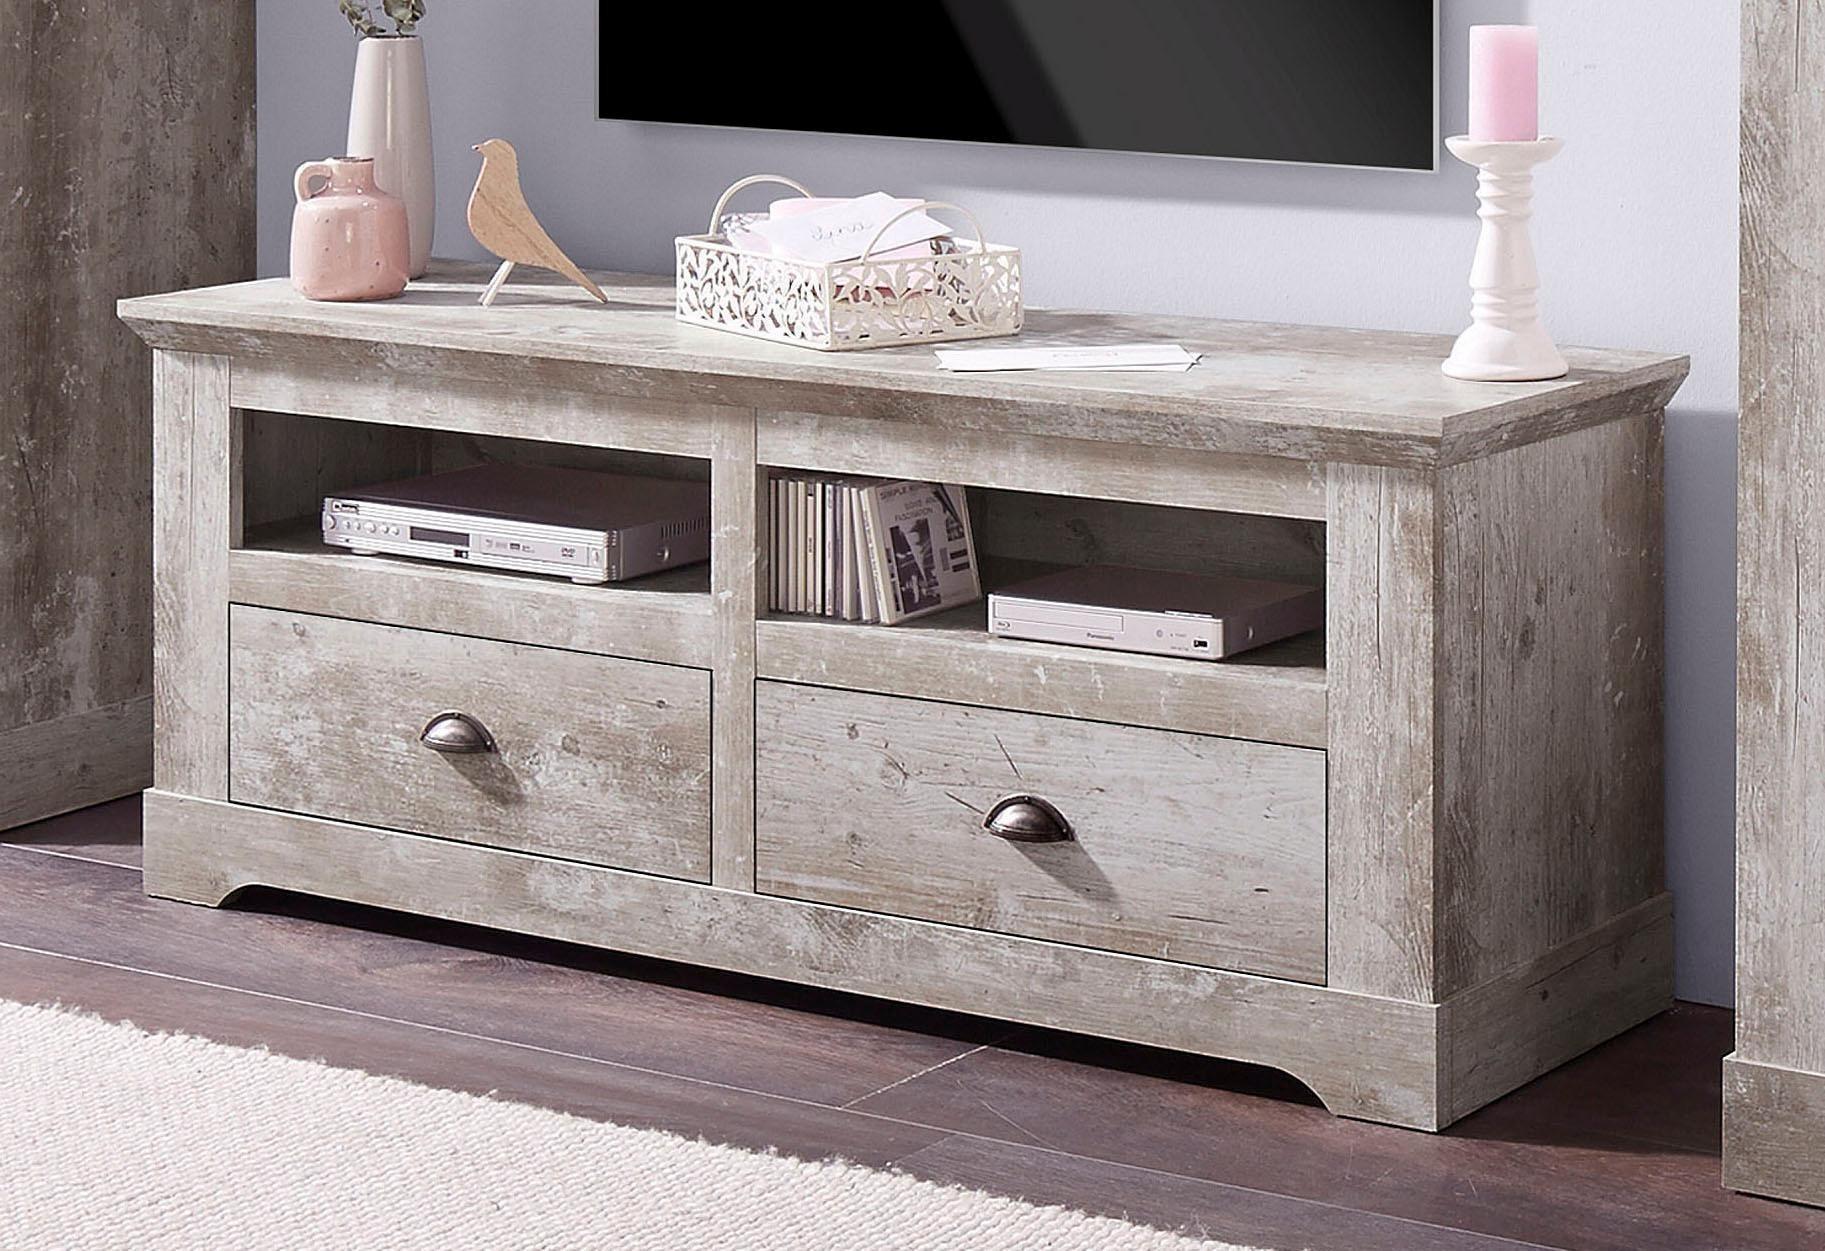 bankauflage 150 cm preisvergleich die besten angebote online kaufen. Black Bedroom Furniture Sets. Home Design Ideas